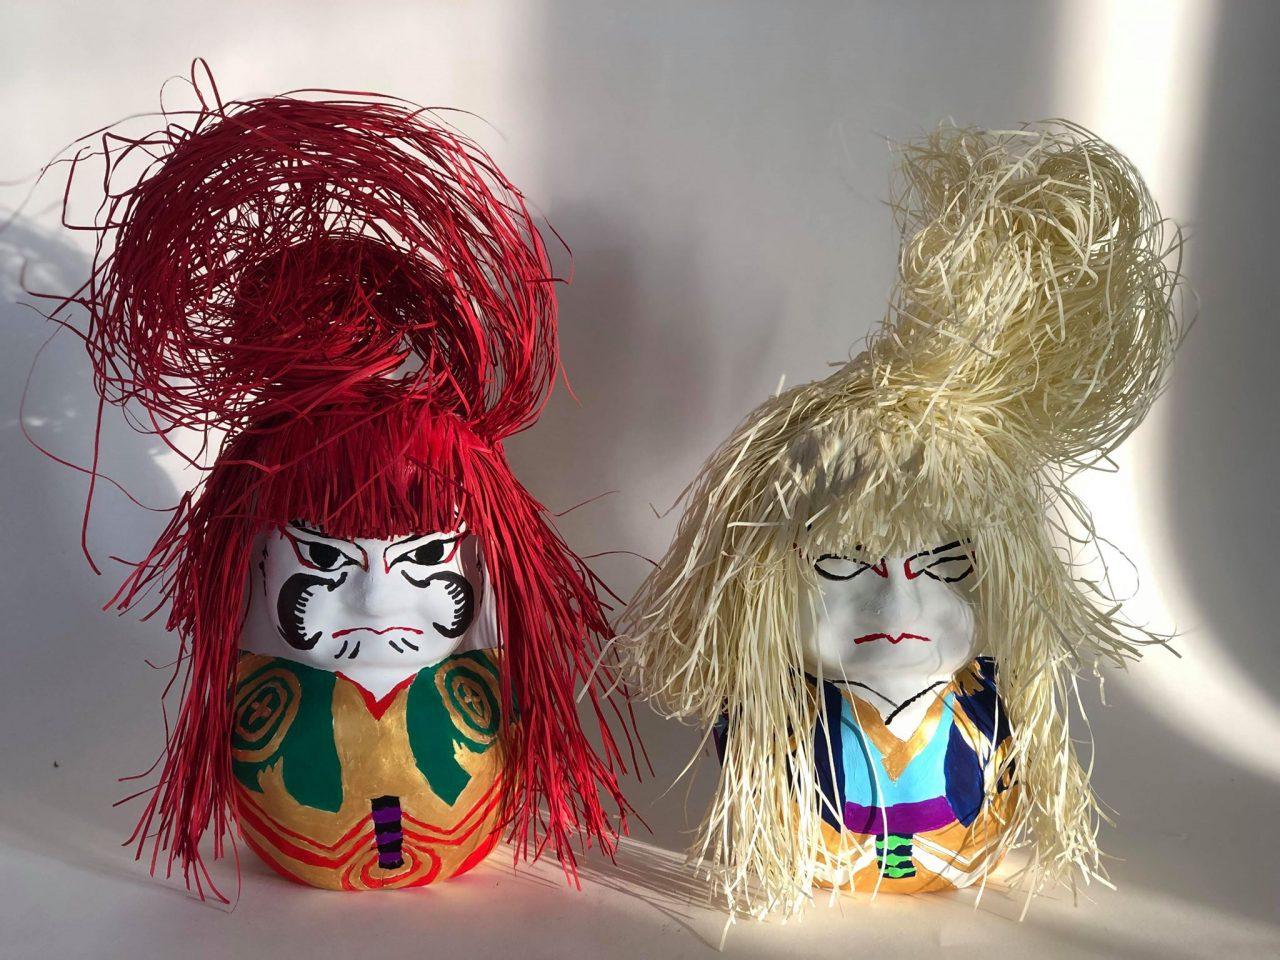 <蓮獅子達磨-赤-RENJISHI DARUMA-RED-と蓮獅子達磨-白-RENJISHI DARUMA-WHITE- ルミコ・ハーモニー作>